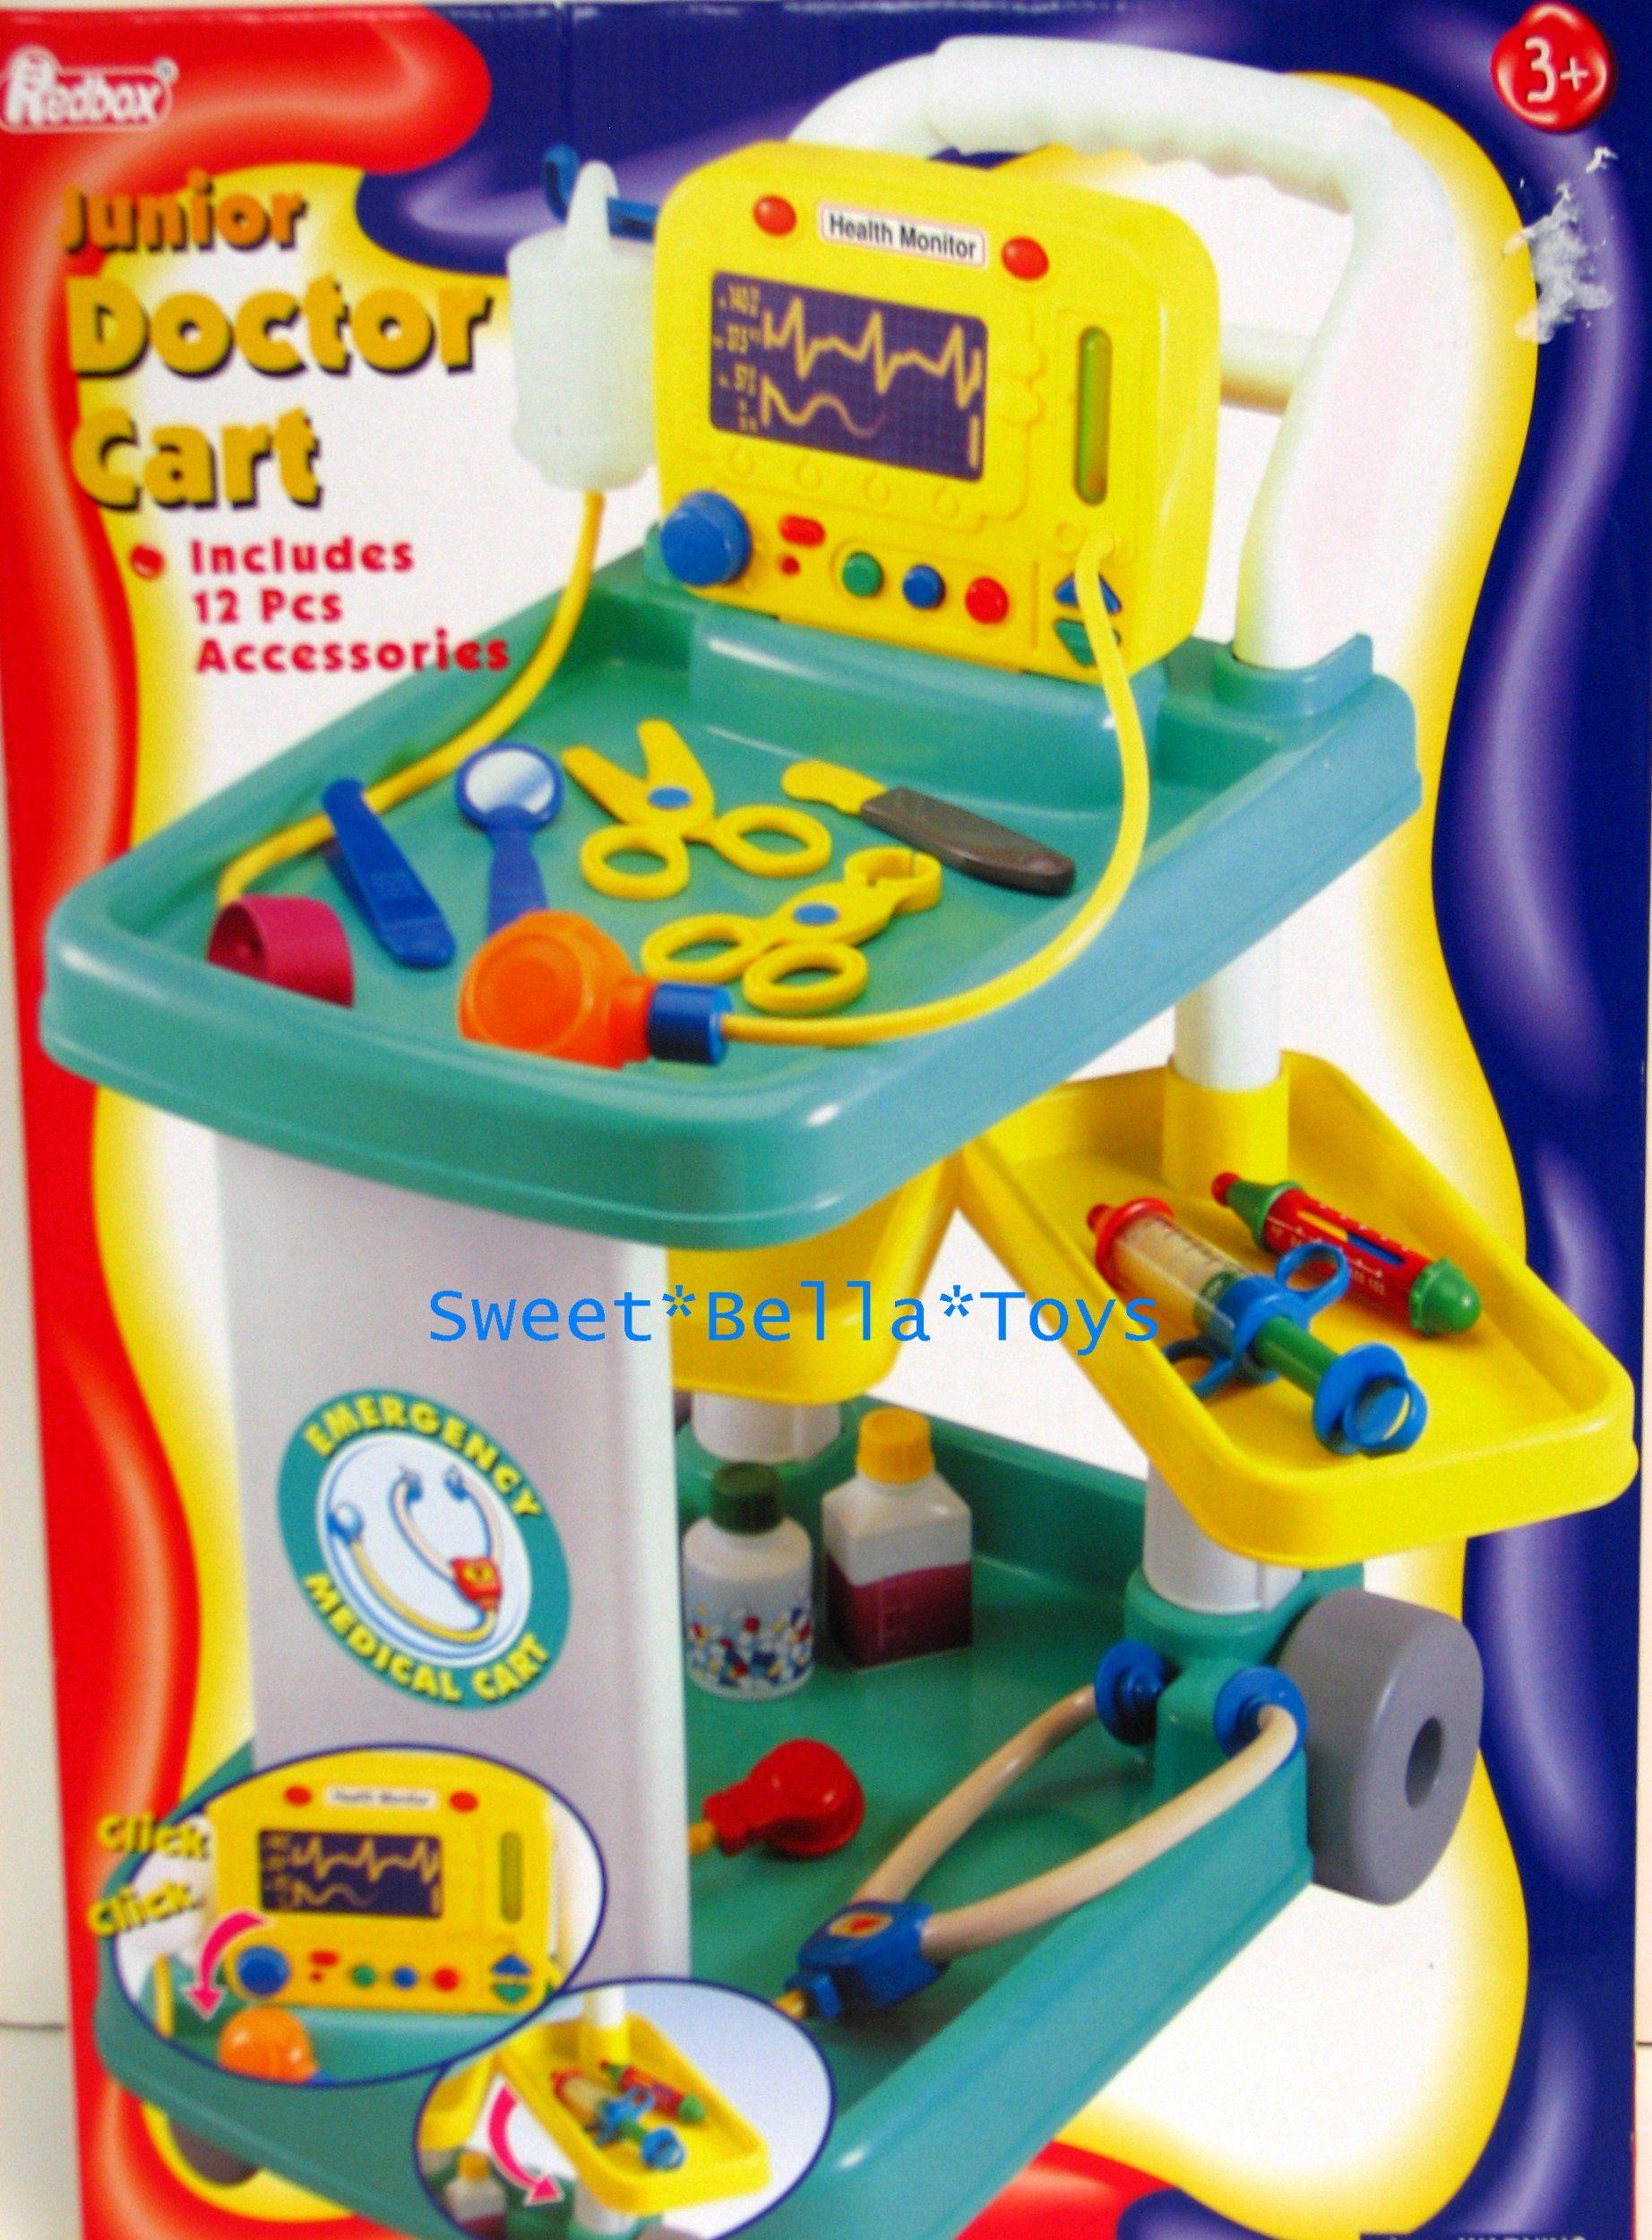 Emergency medical cart for kids medical cart emergency